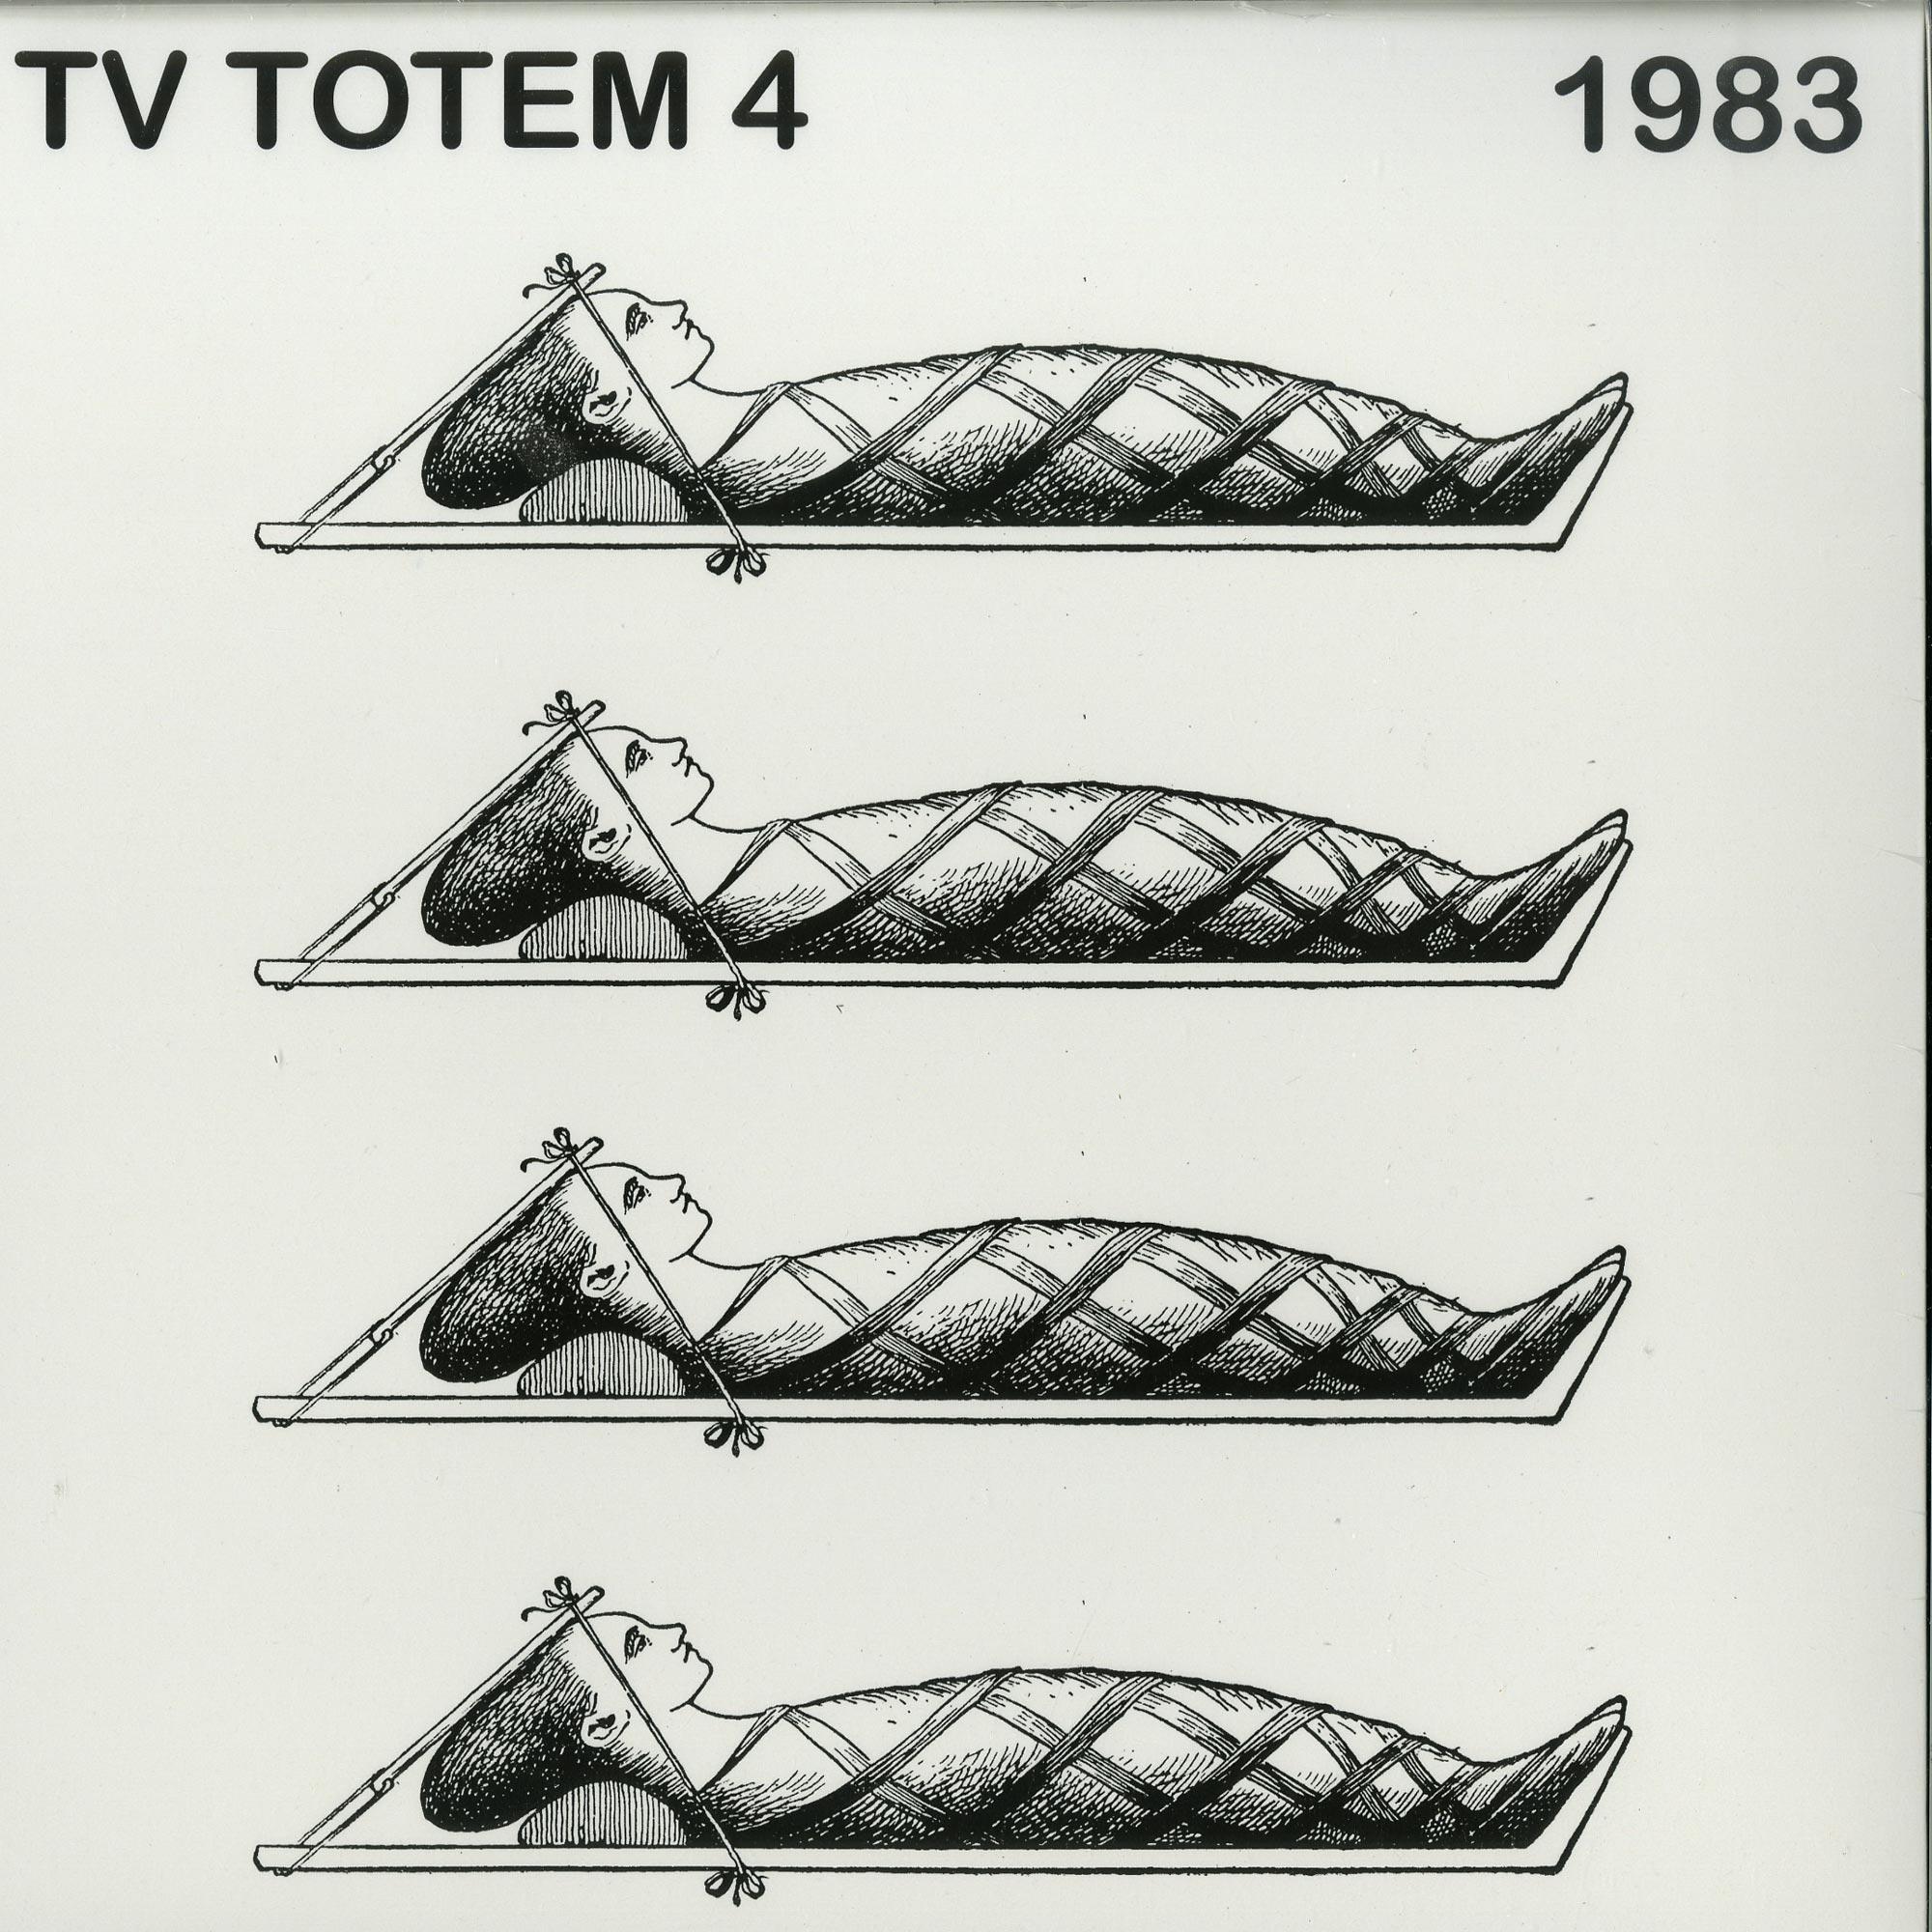 Tv Totem - TV TOTEM 4